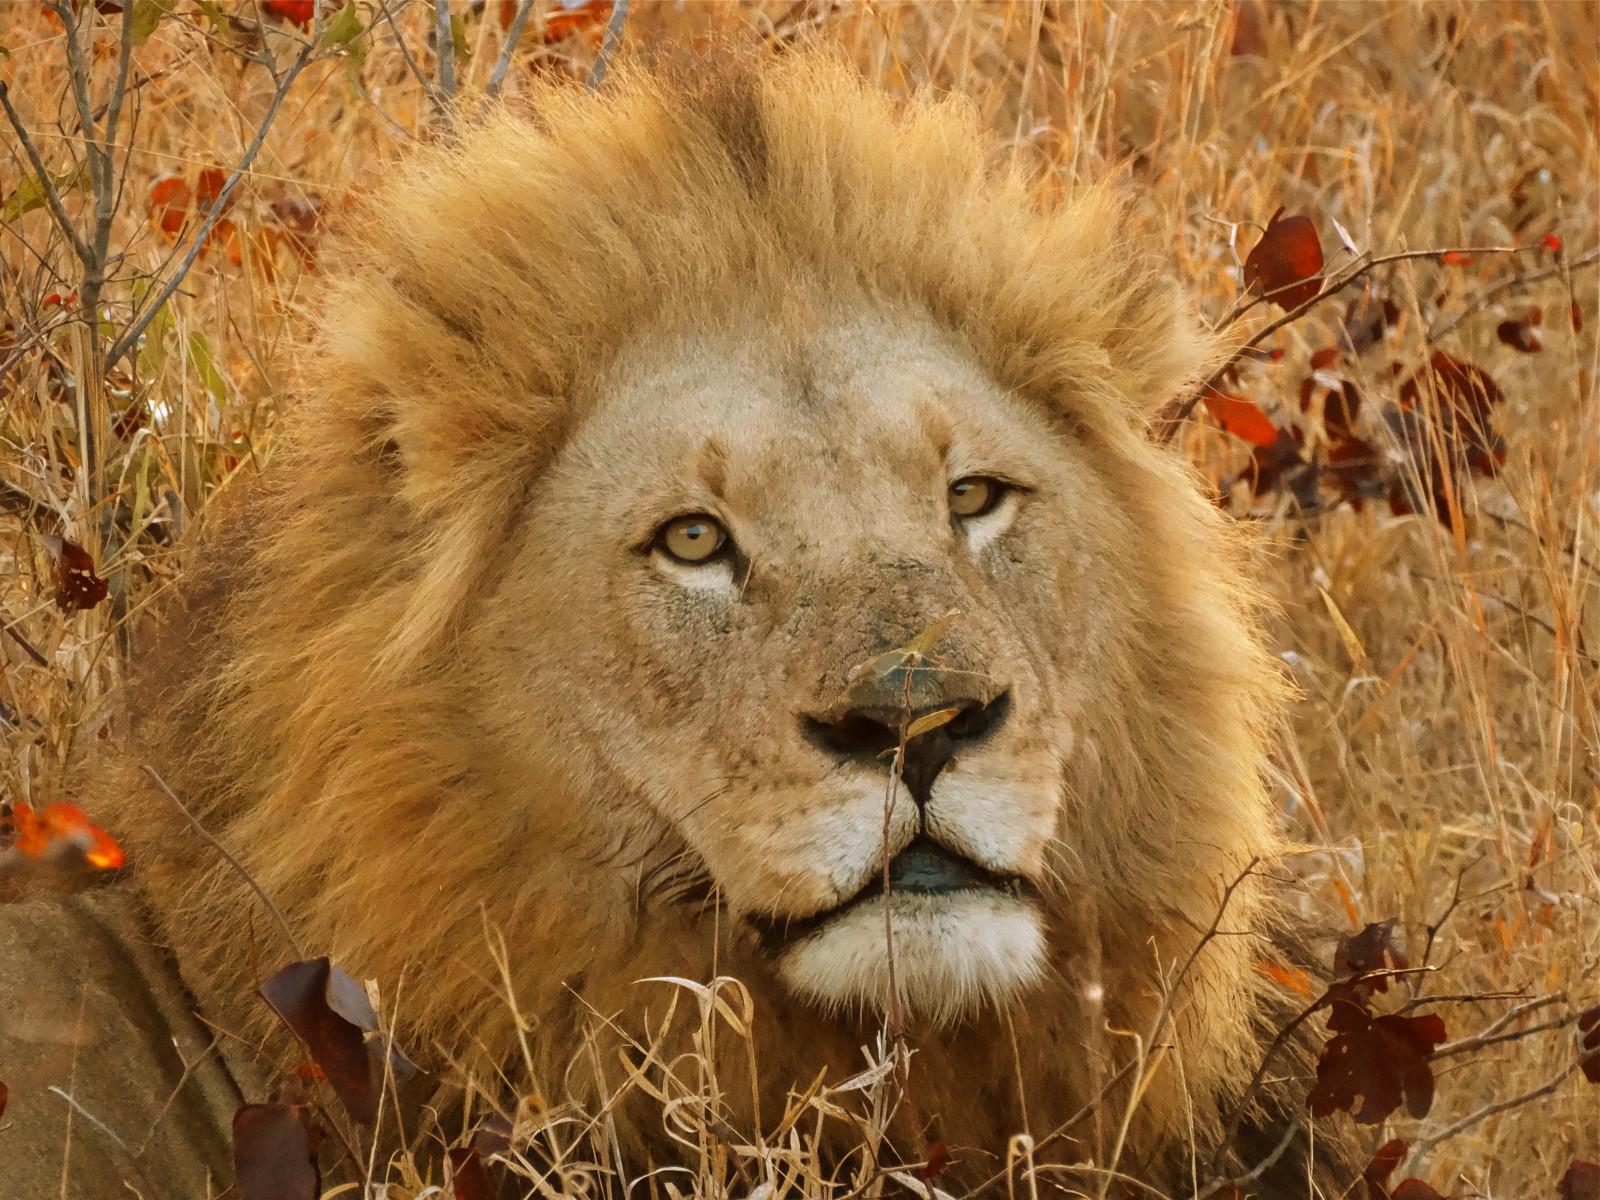 壁紙 : 野生動物, 大貓, 荒野, 晶須, Lowe, 蘋果瀏覽器, 南非, 貓像哺乳動物, 鼻子, 熱帶稀樹草原, 鬃毛, 生物 ...